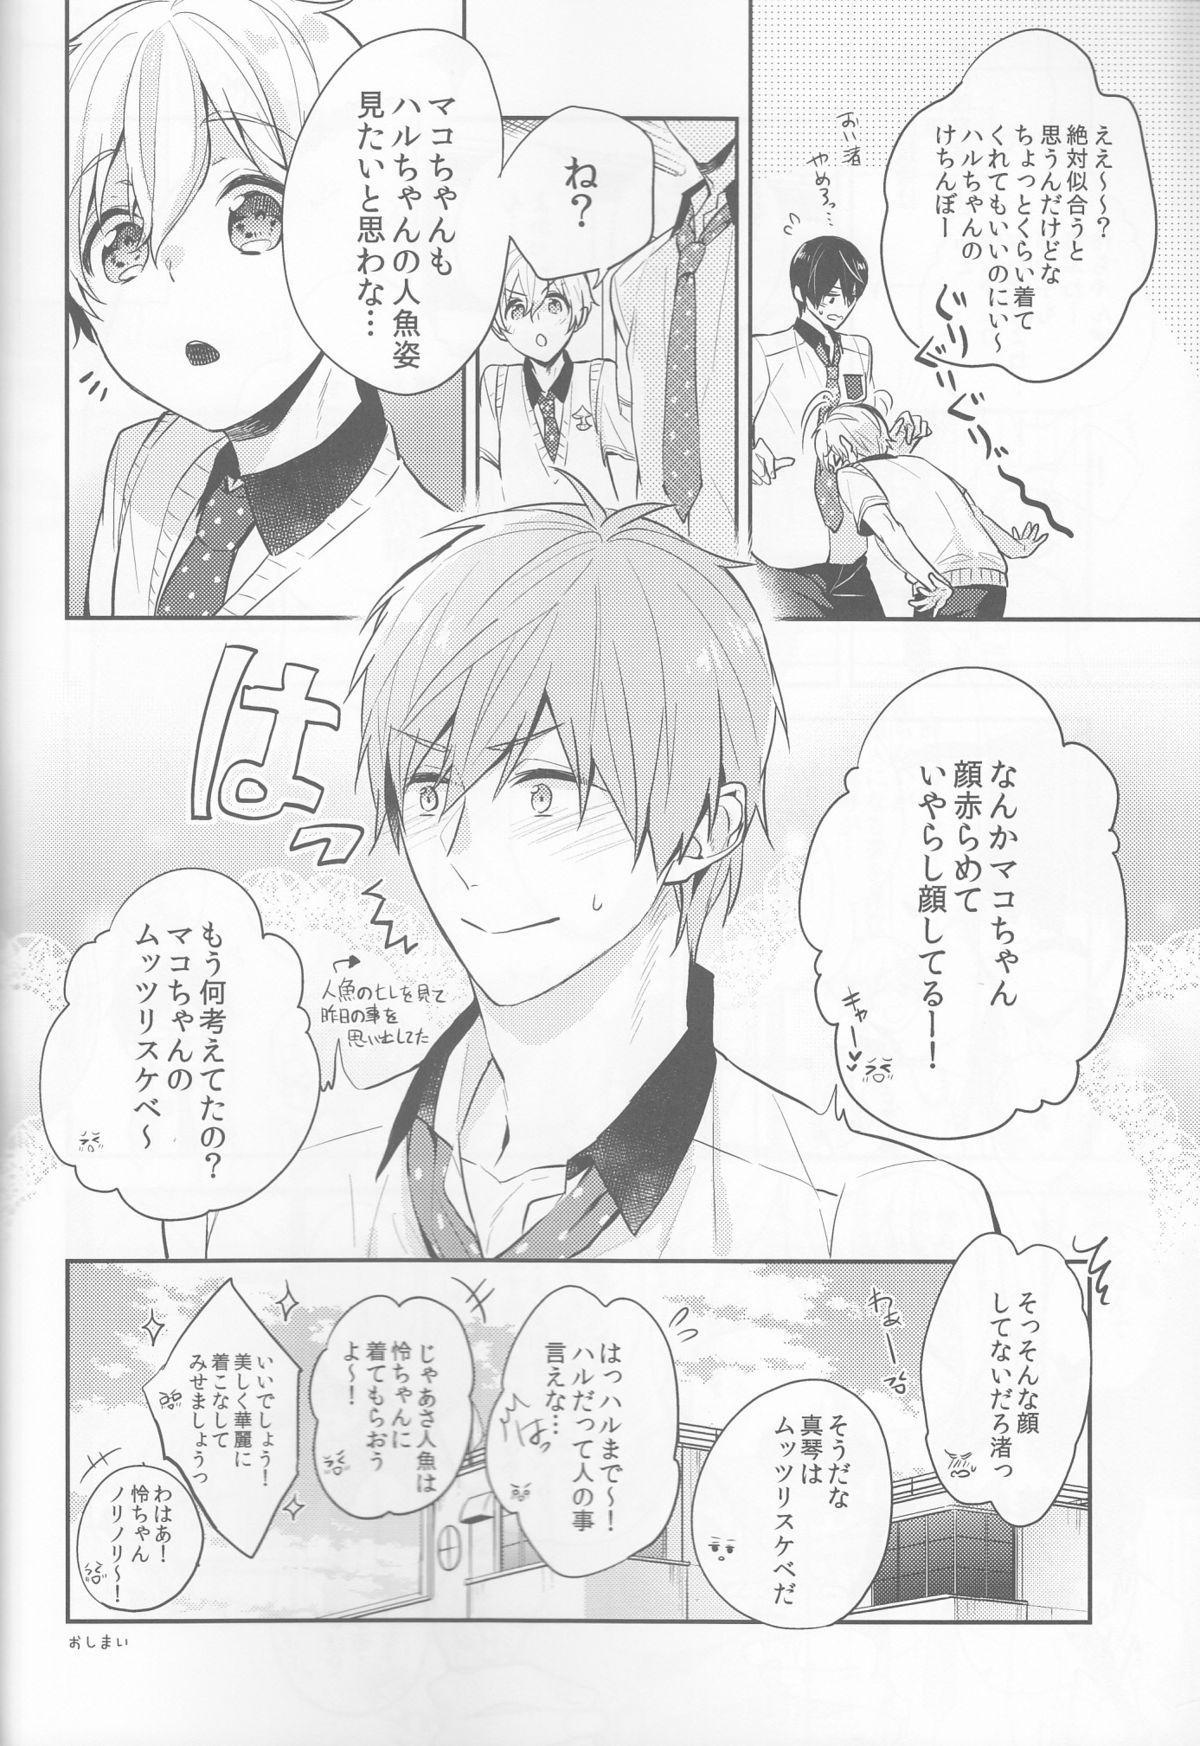 Manatsu no hakuchuumu 26